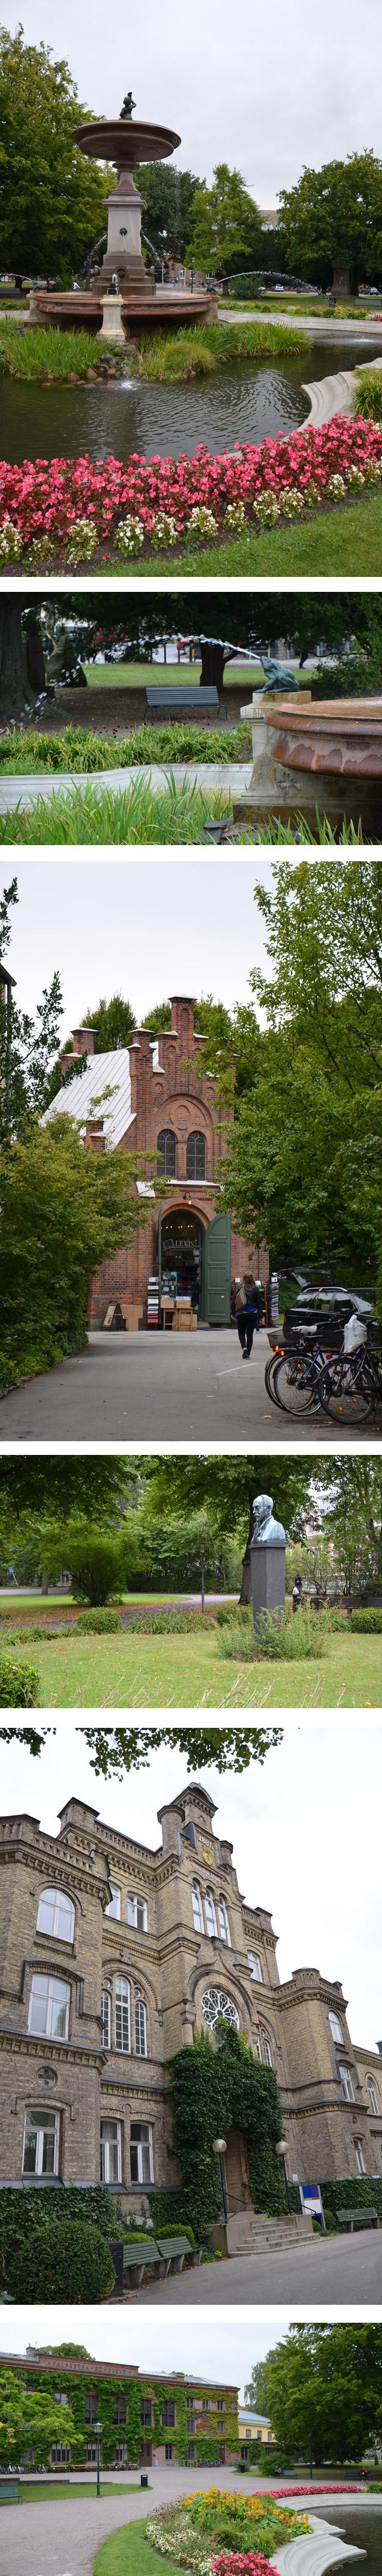 Université Lund - Mon roadtrip en Suède